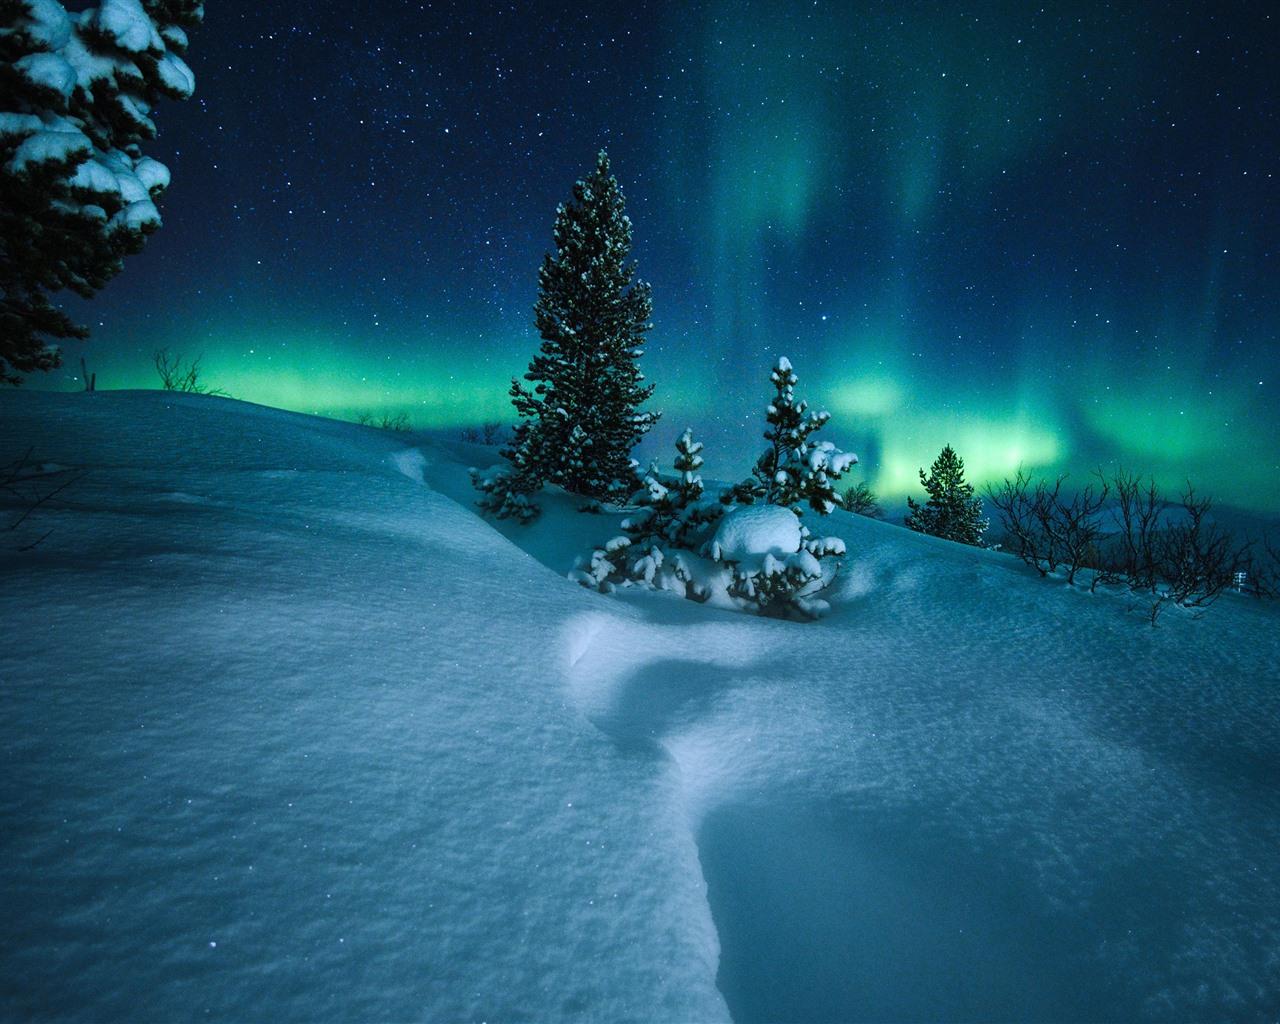 壁纸 北极光,挪威,树木,雪,星空,夜晚 2880x1800 HD 高清壁纸, 图片, 照片